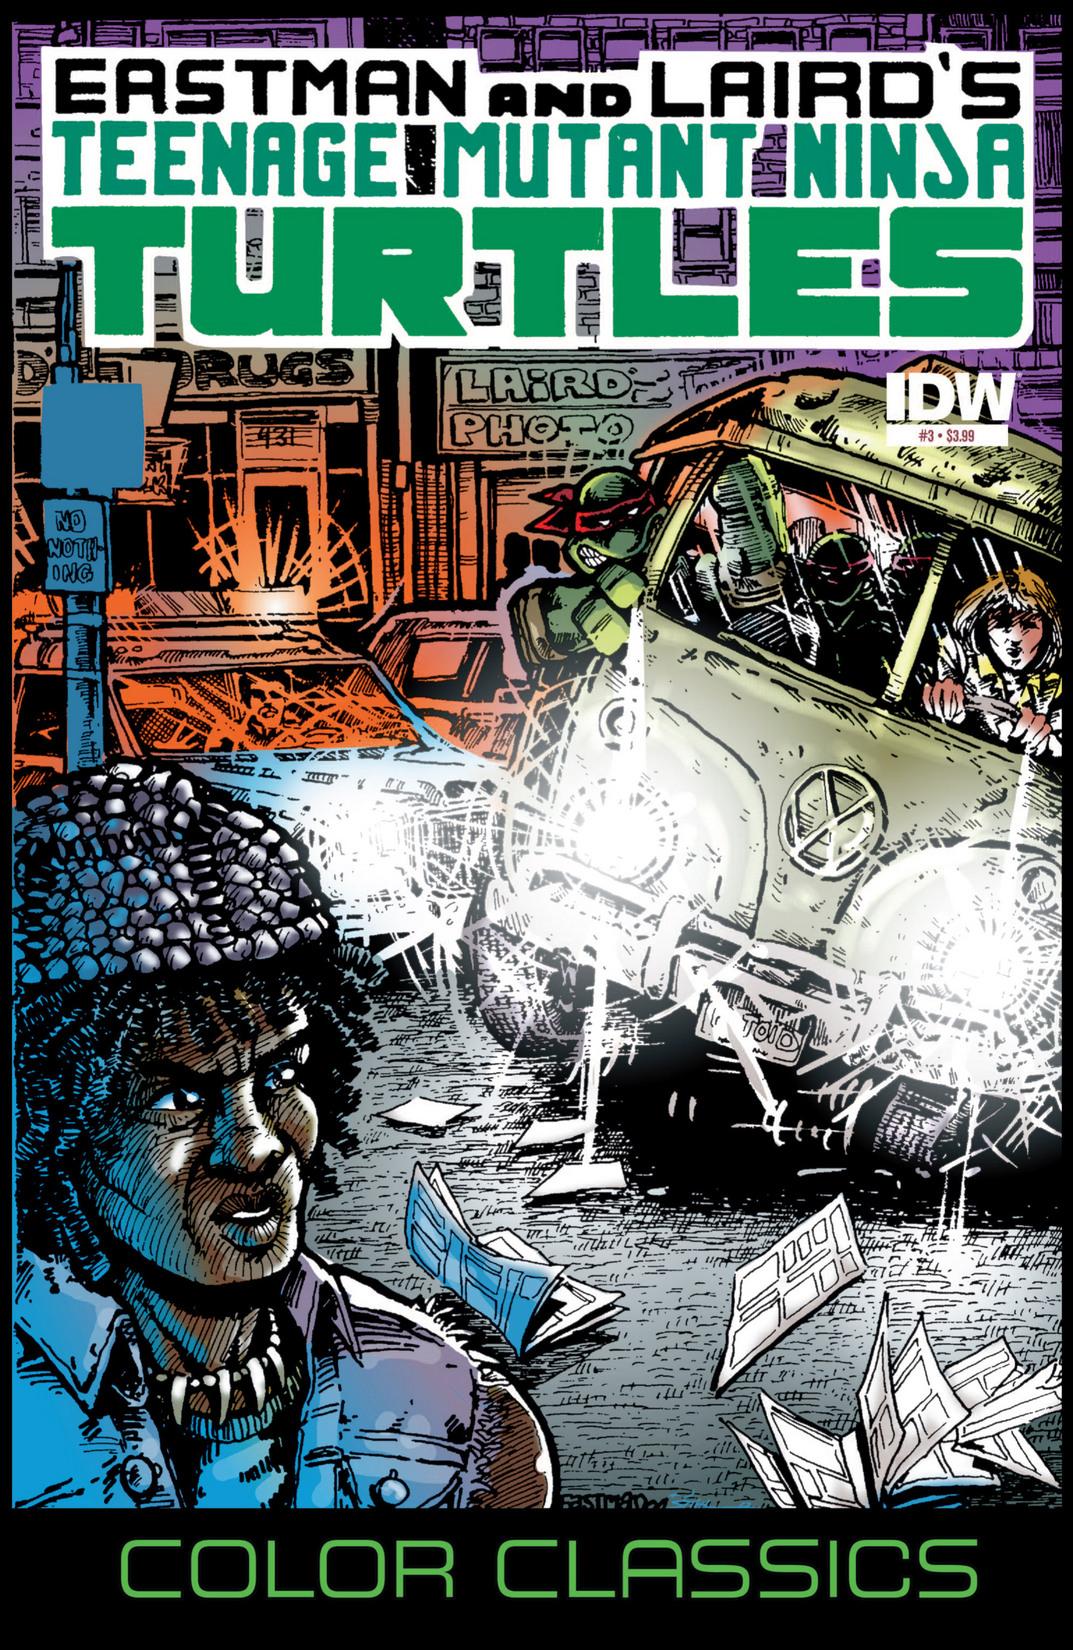 Teenage Mutant Ninja Turtles Color Classics (2012) issue 3 - Page 1